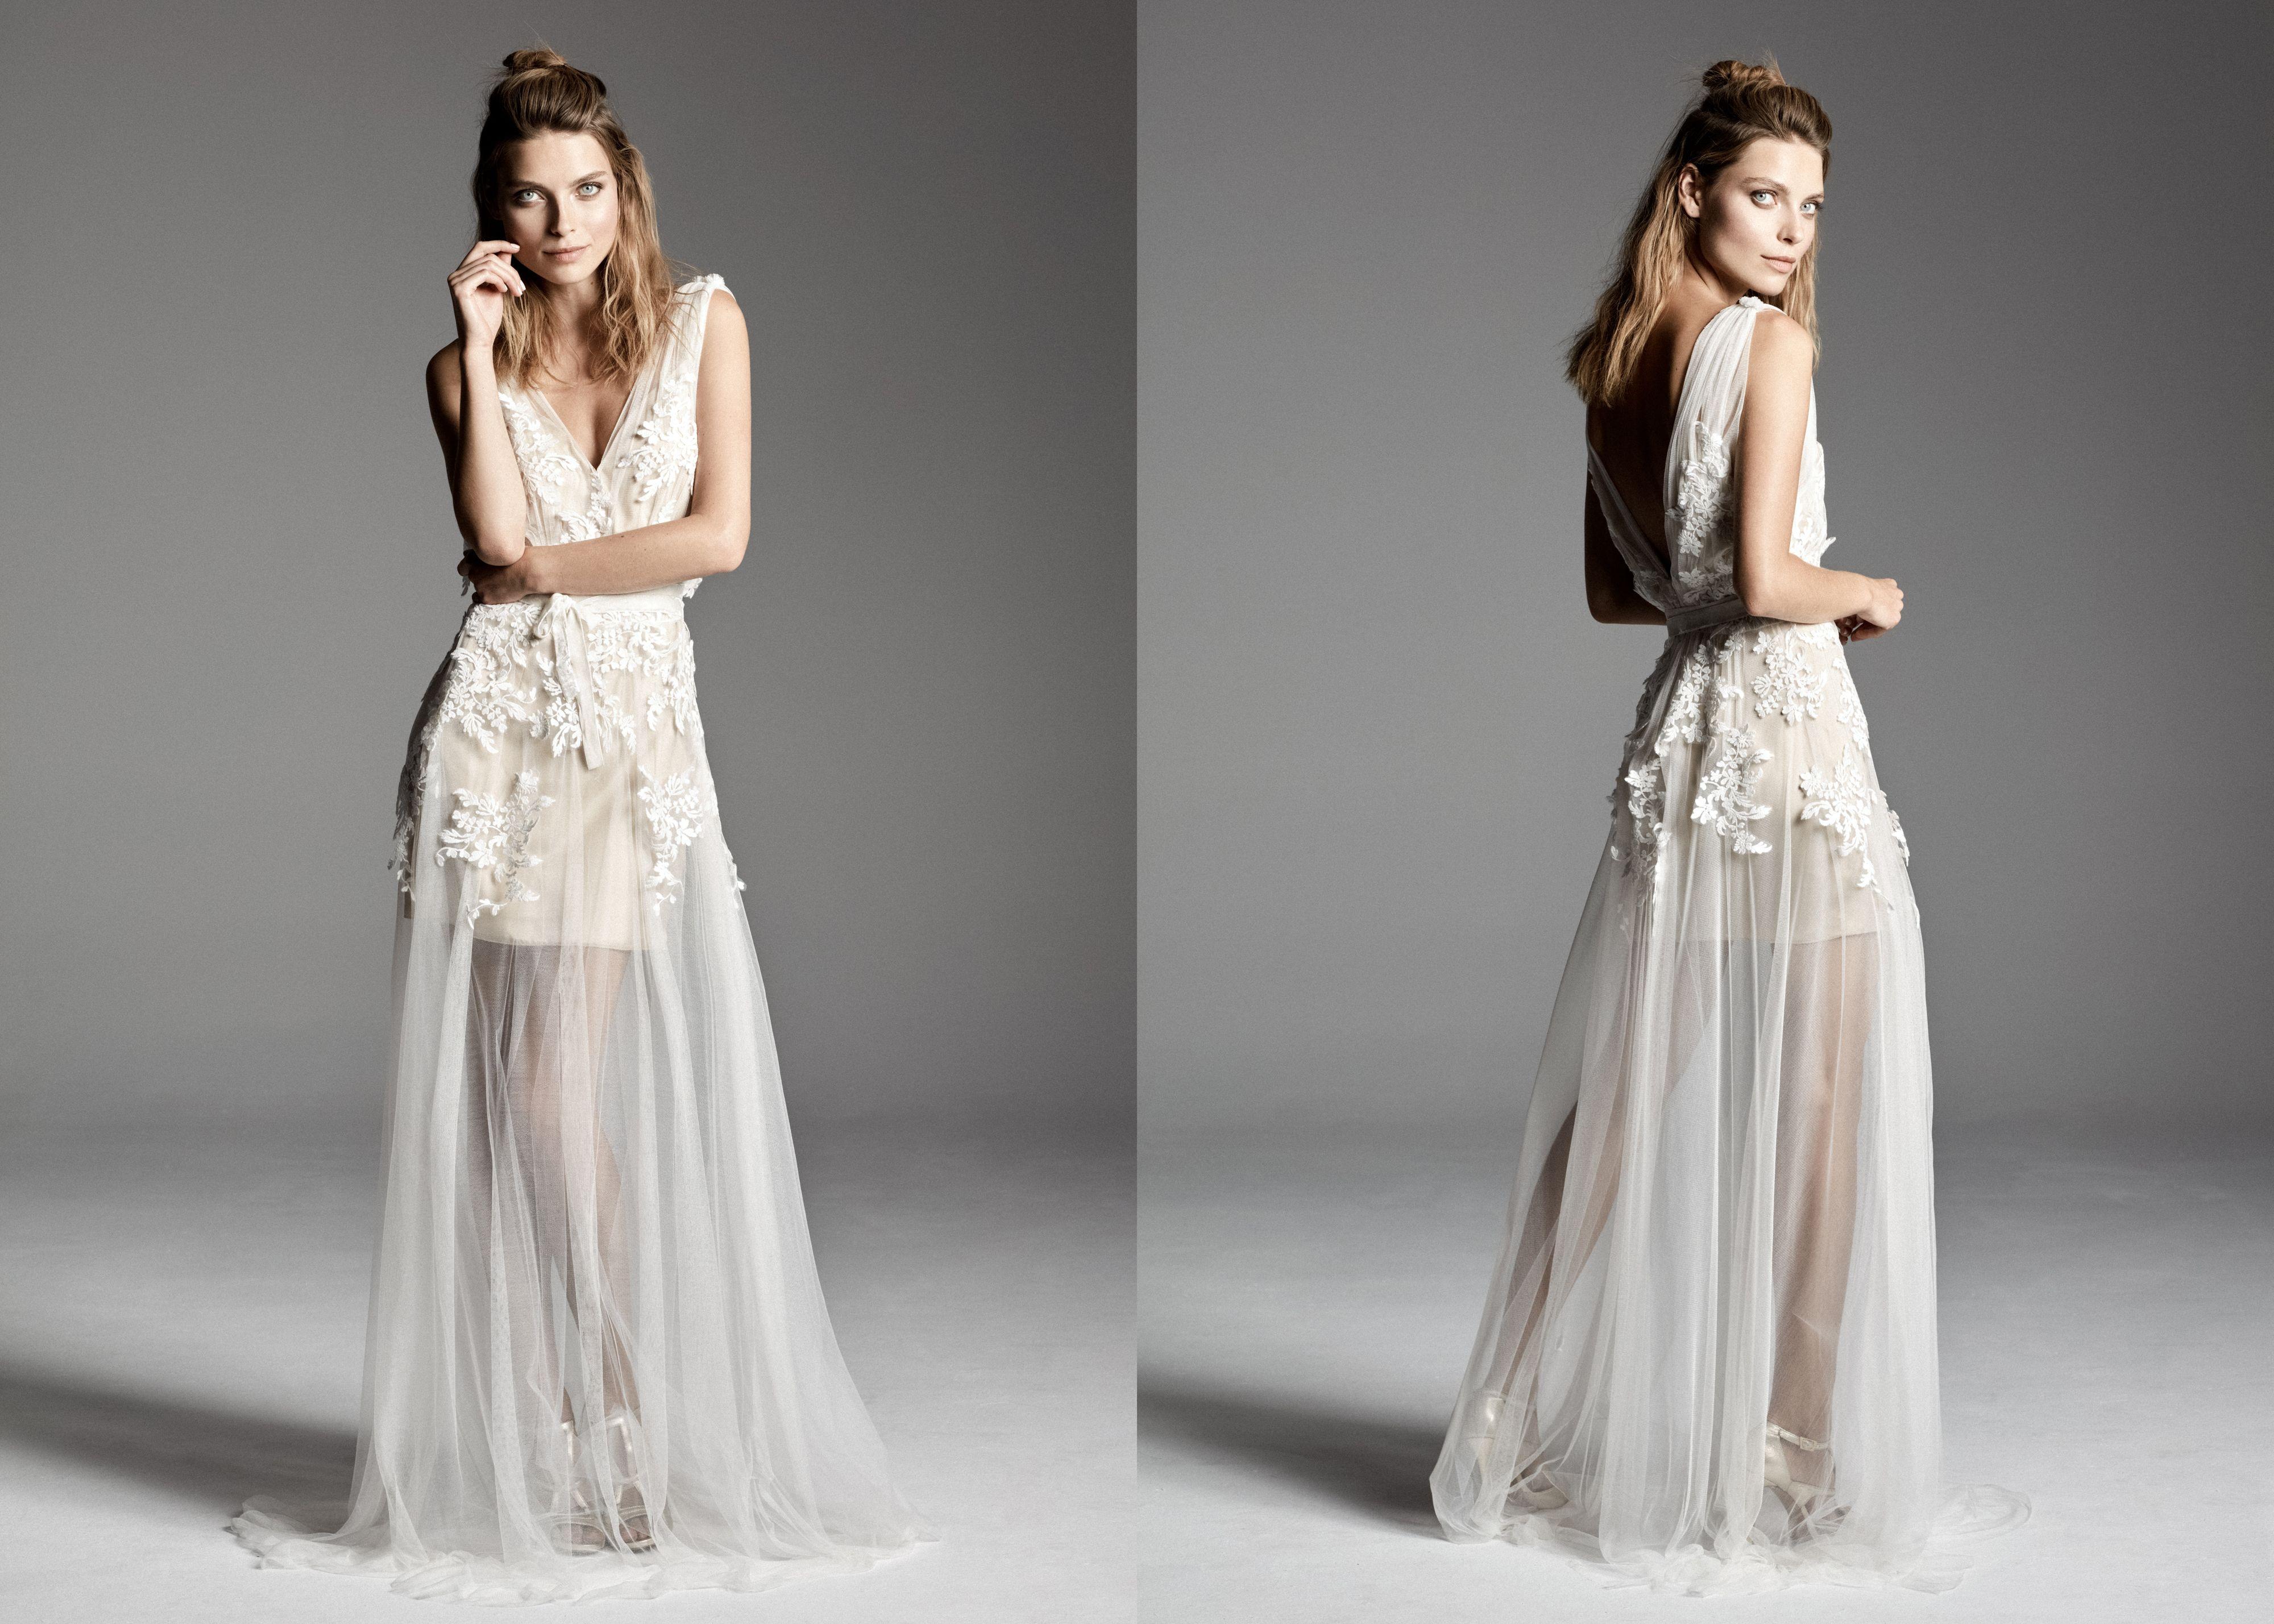 Be Bonny Agata Wojtkiewicz Atelier Nowoczesne Suknie Slubne Lodz Sleeveless Formal Dress Dresses Formal Dresses